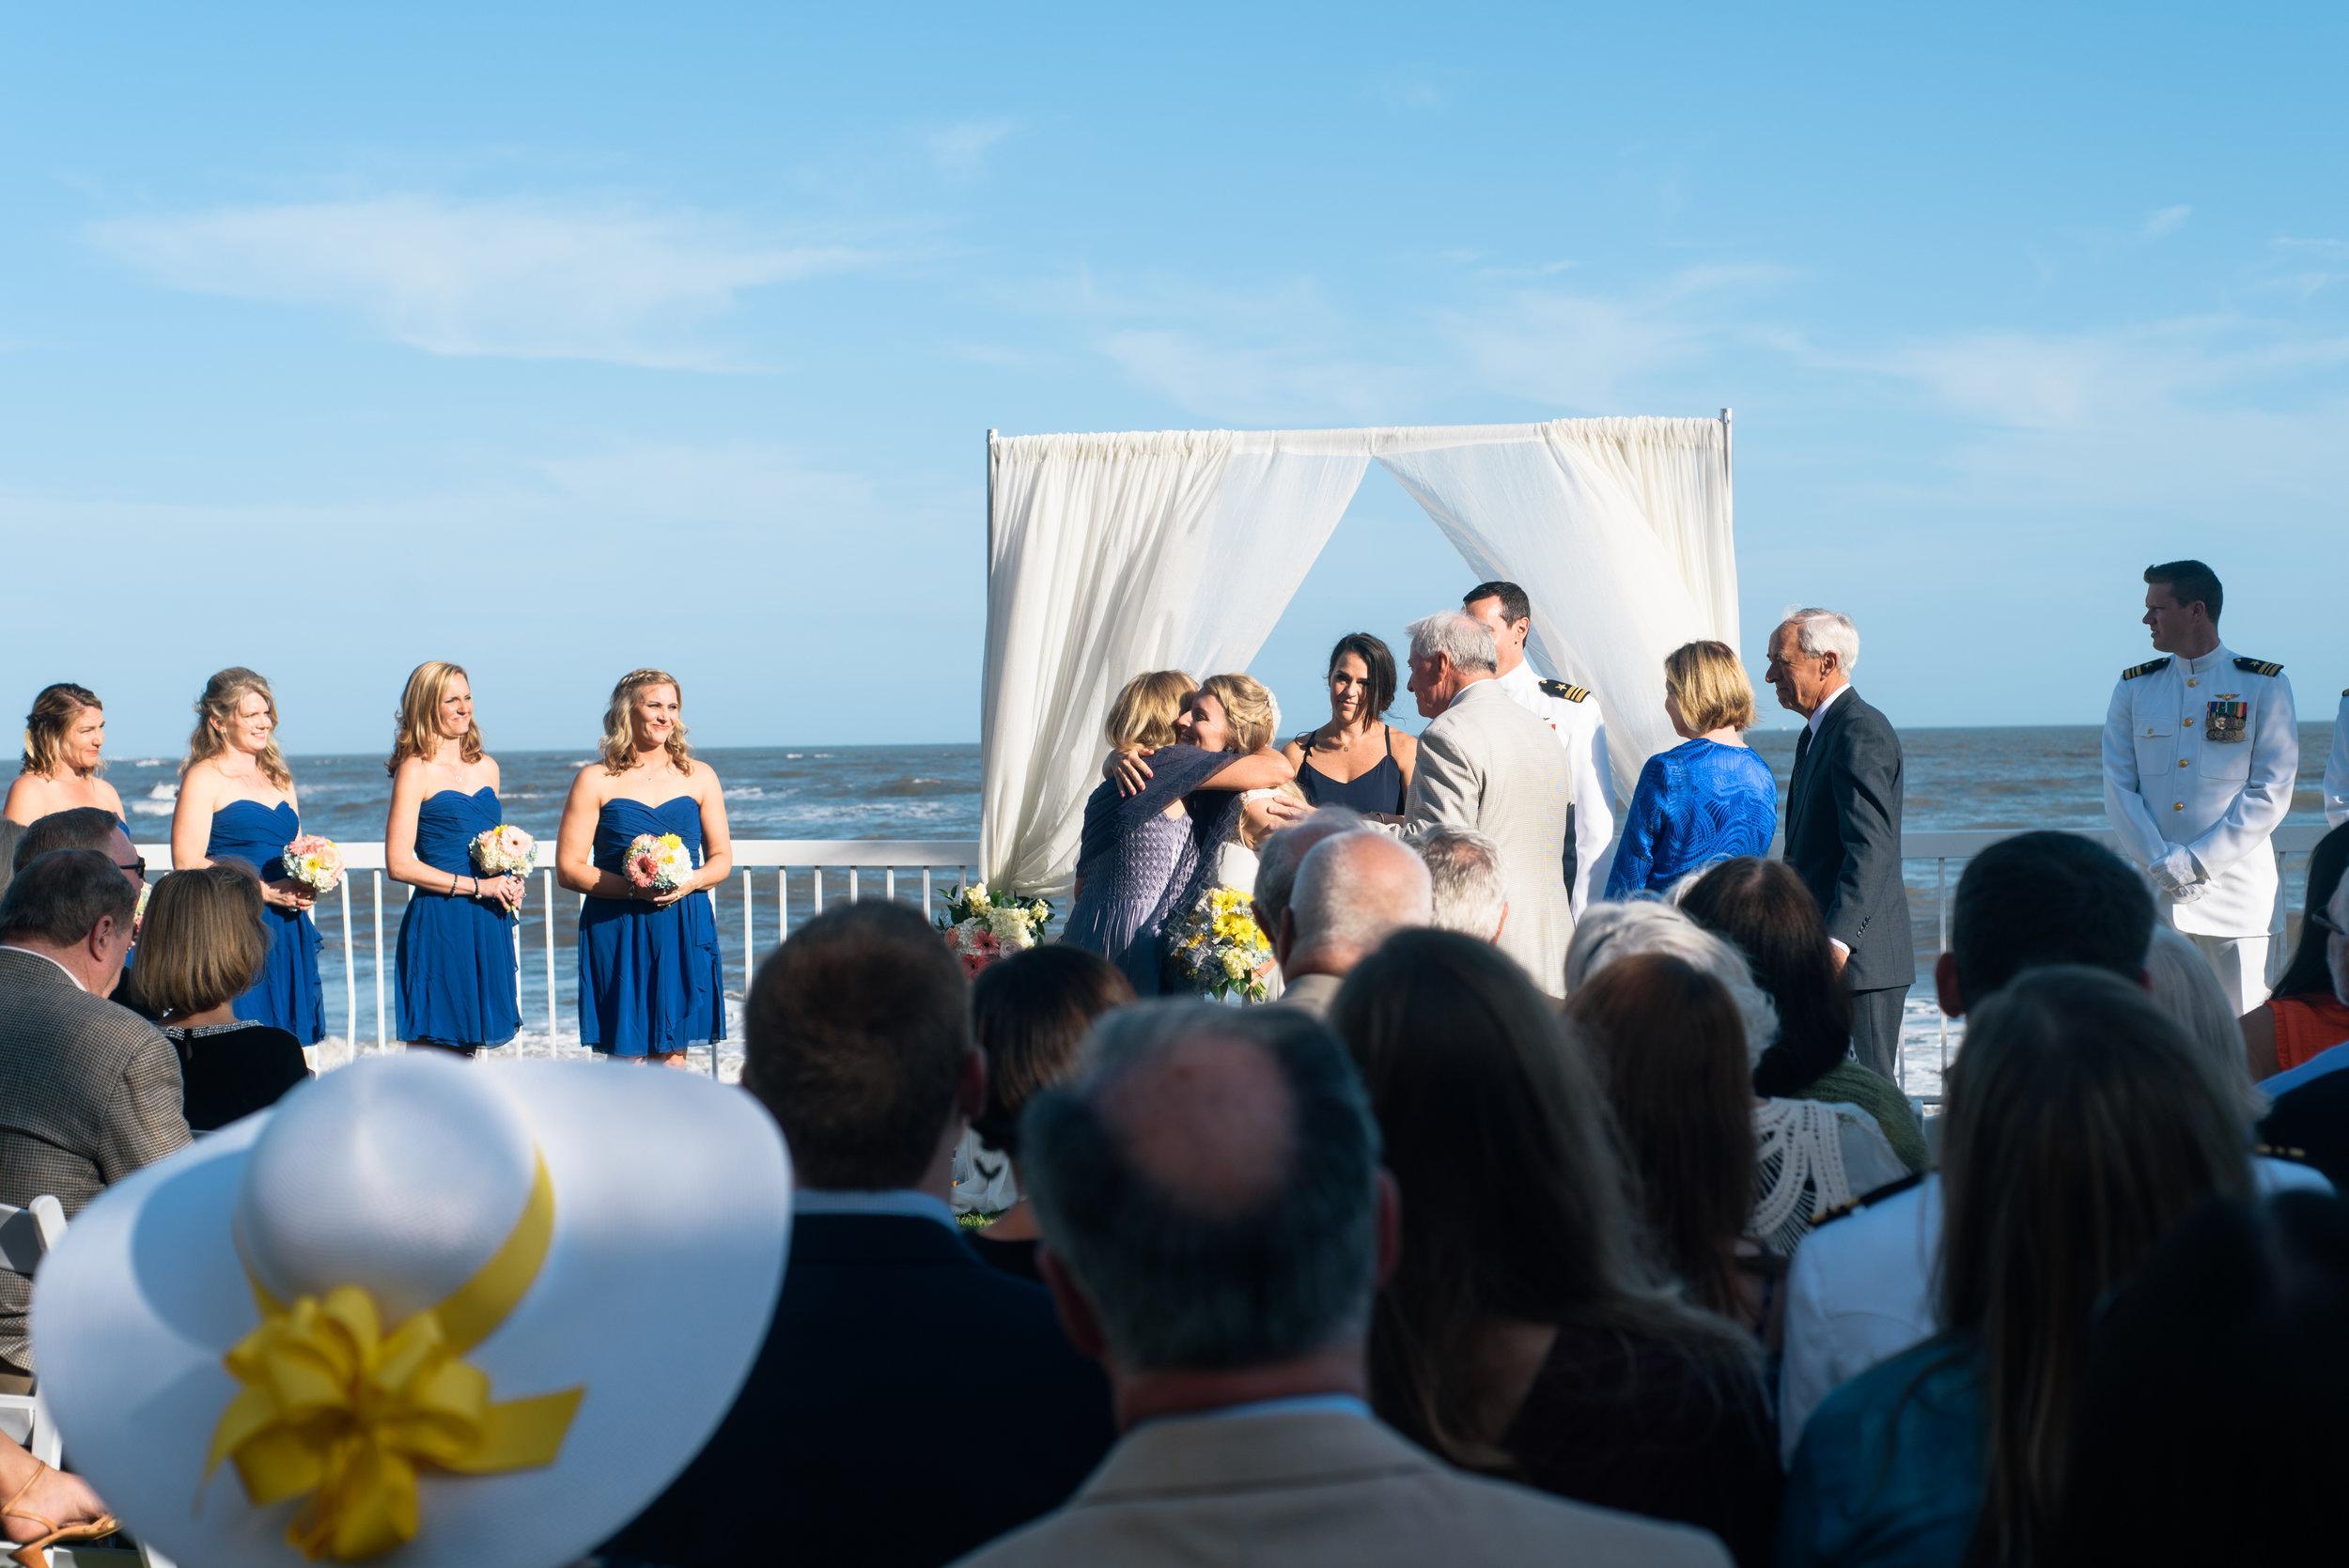 st-simons-island-elopement-photographer-savannah-elopement-photography-savannah-georgia-elopement-photographer-savannah-wedding-photographer-meg-hill-photo-jade-hill- (33 of 72).jpg